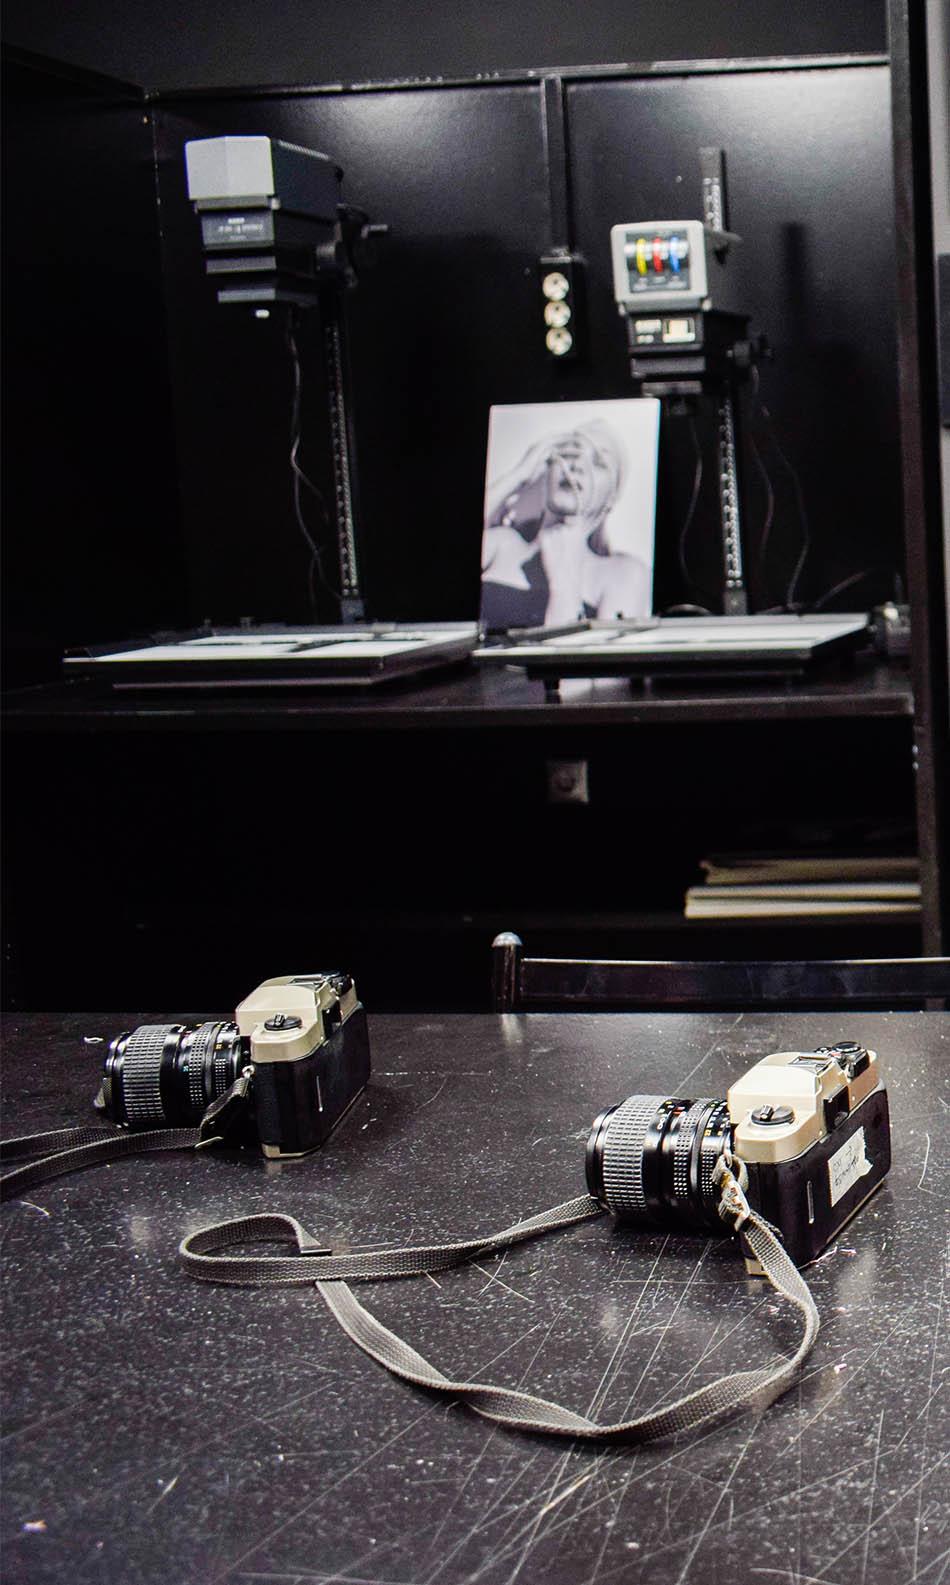 ΙΕΚ ΑΚΜΗ: Εργαστήριο Σχολής Φωτογραφίας